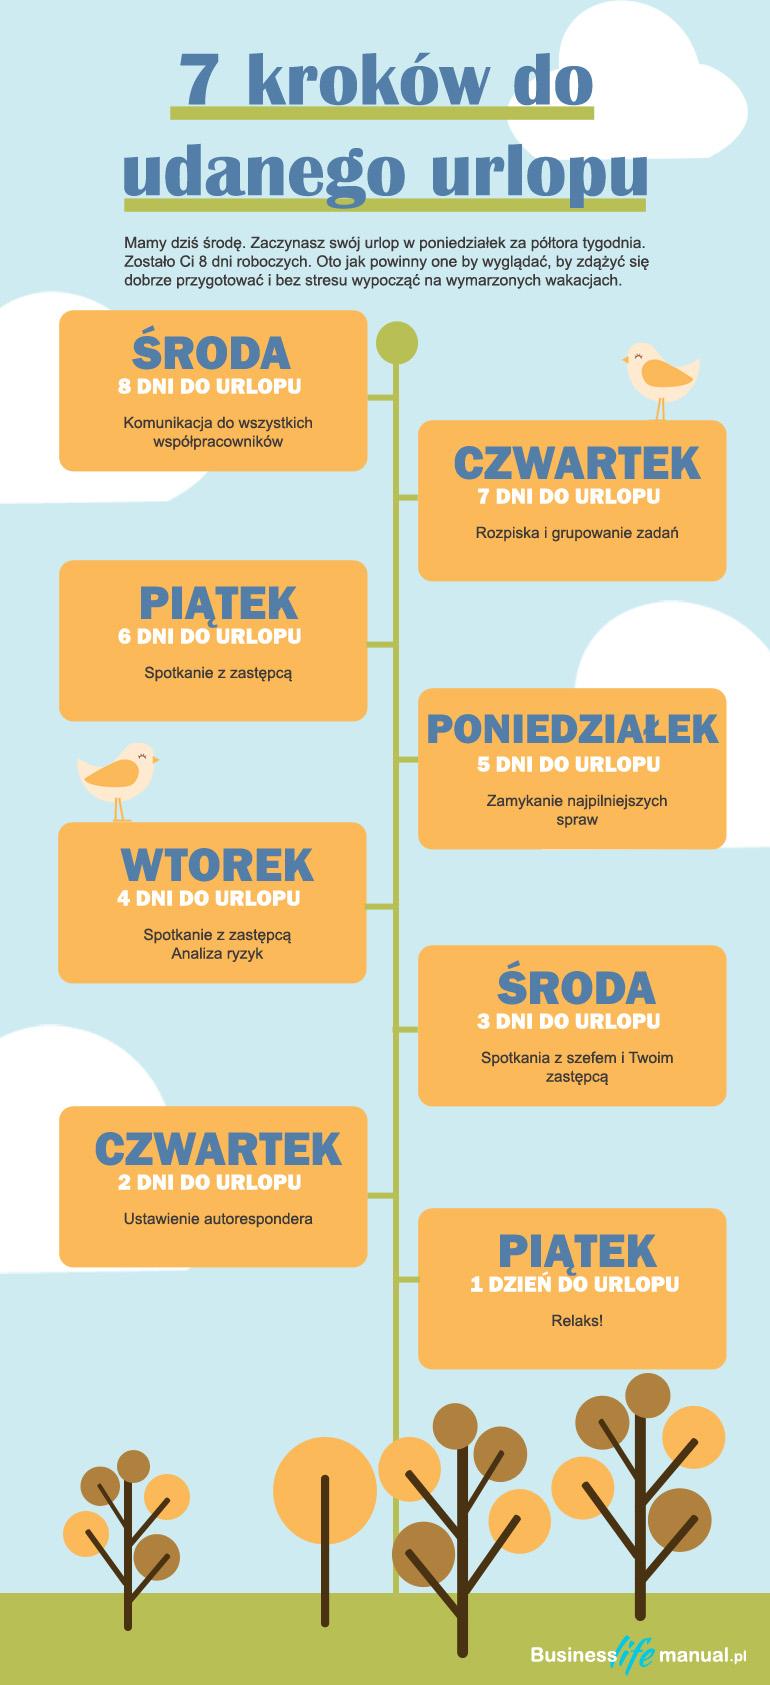 7 kroków do udanego urlopu Business Life Manual Infografika